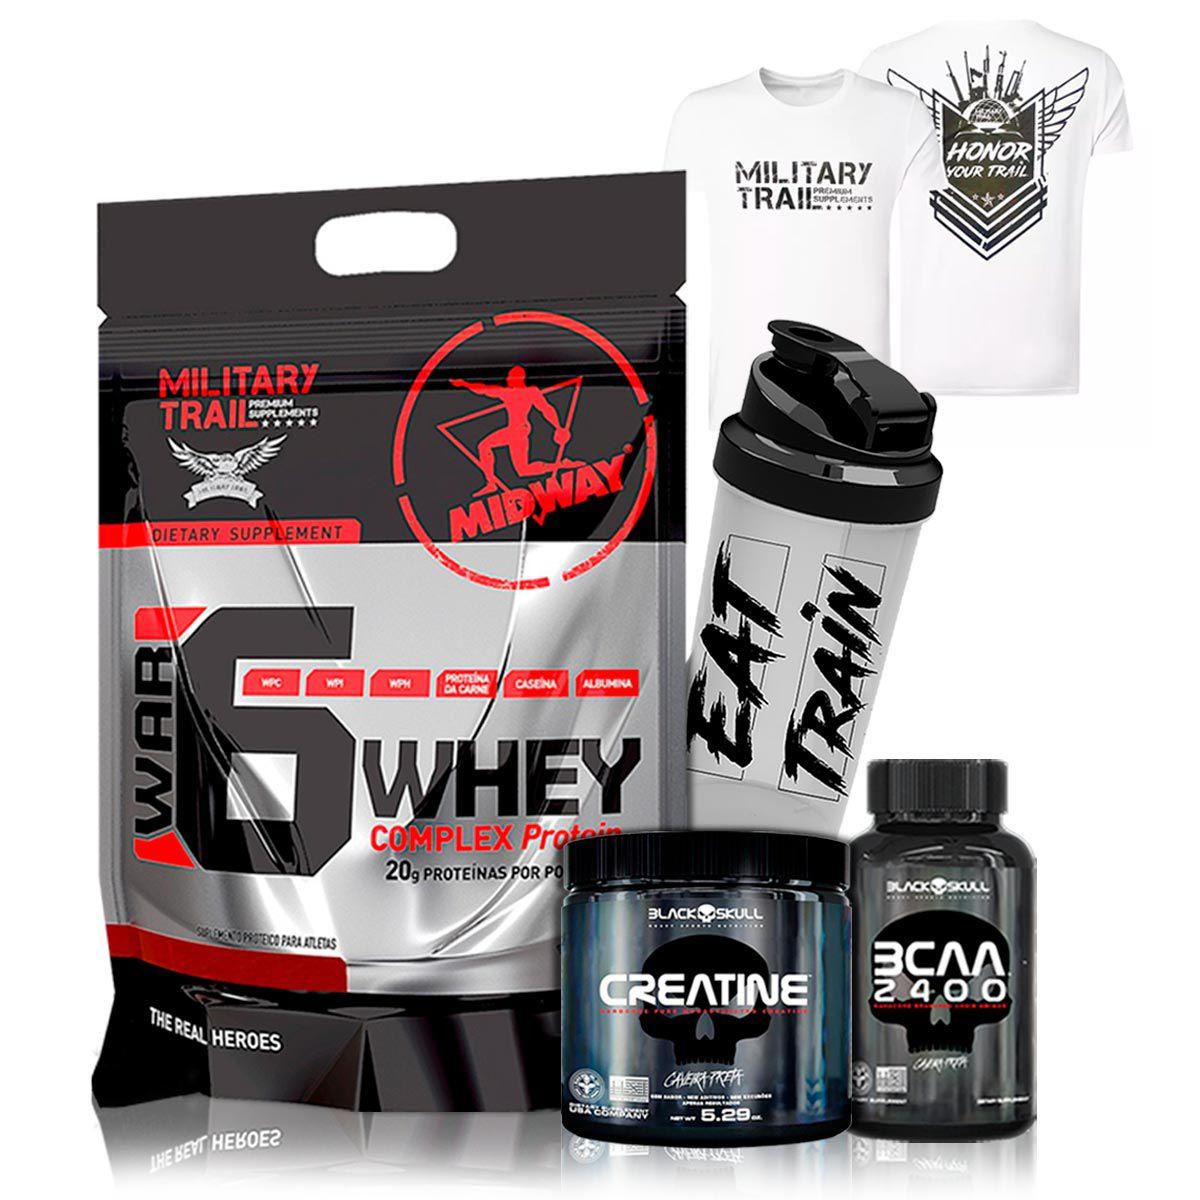 Kit Massa Muscular Whey BCAA Crea + Camiseta Midway